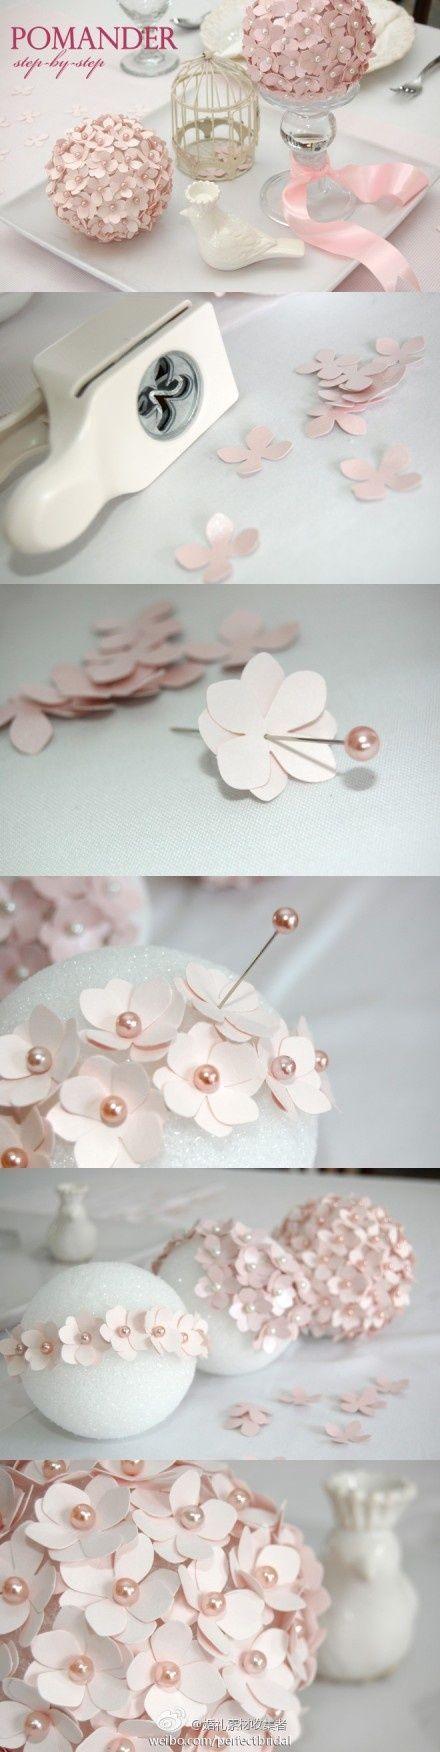 Hacer arreglos en papel es un lindo detalle para decorar quinceaños y matrimonios.